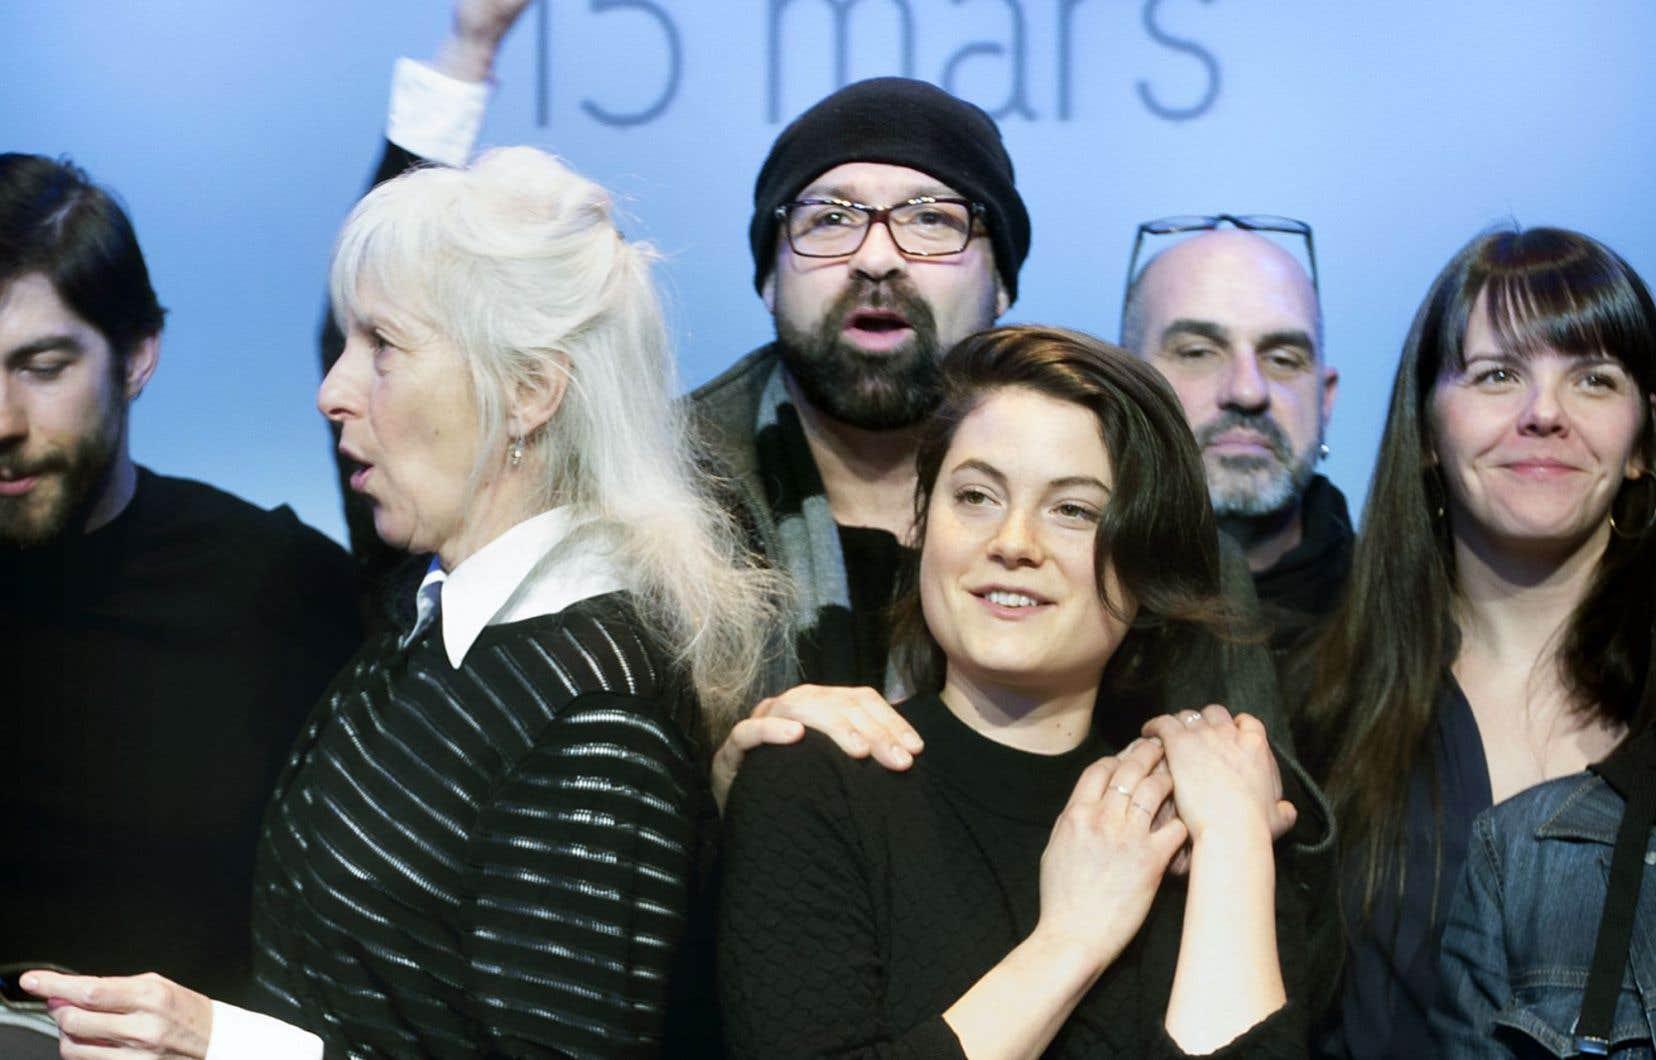 La tuque sur la tête, le cinéaste Ricardo Trogi félicite Julianne Côté, que l'on peut voir dans Tu dors Nicole, de Stéphane Lafleur, qui récolte neuf nominations à la prochaine cérémonie des Jutra.